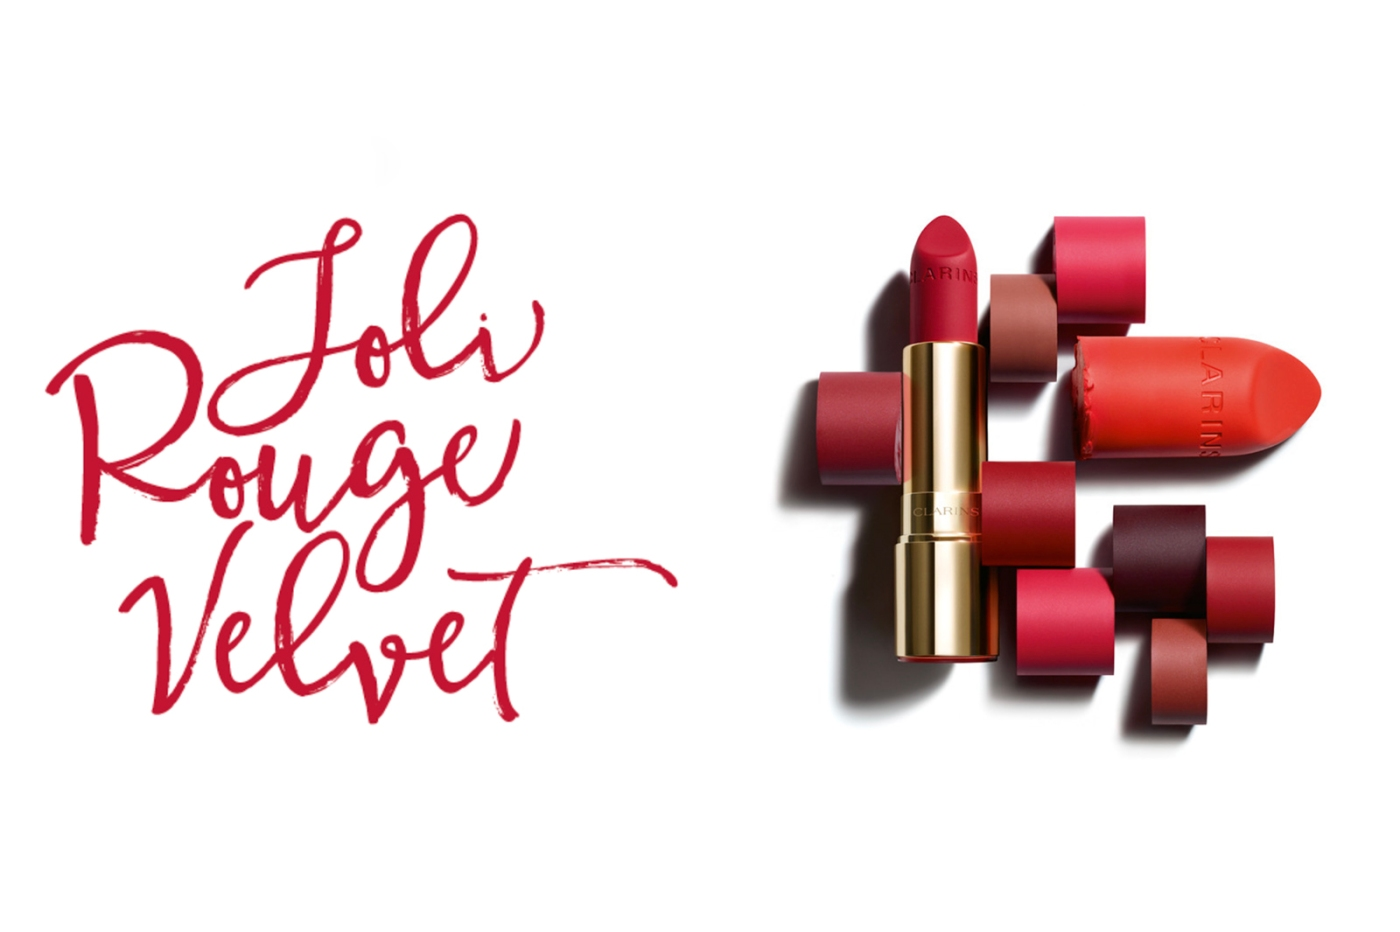 clarins joli rouge velvet